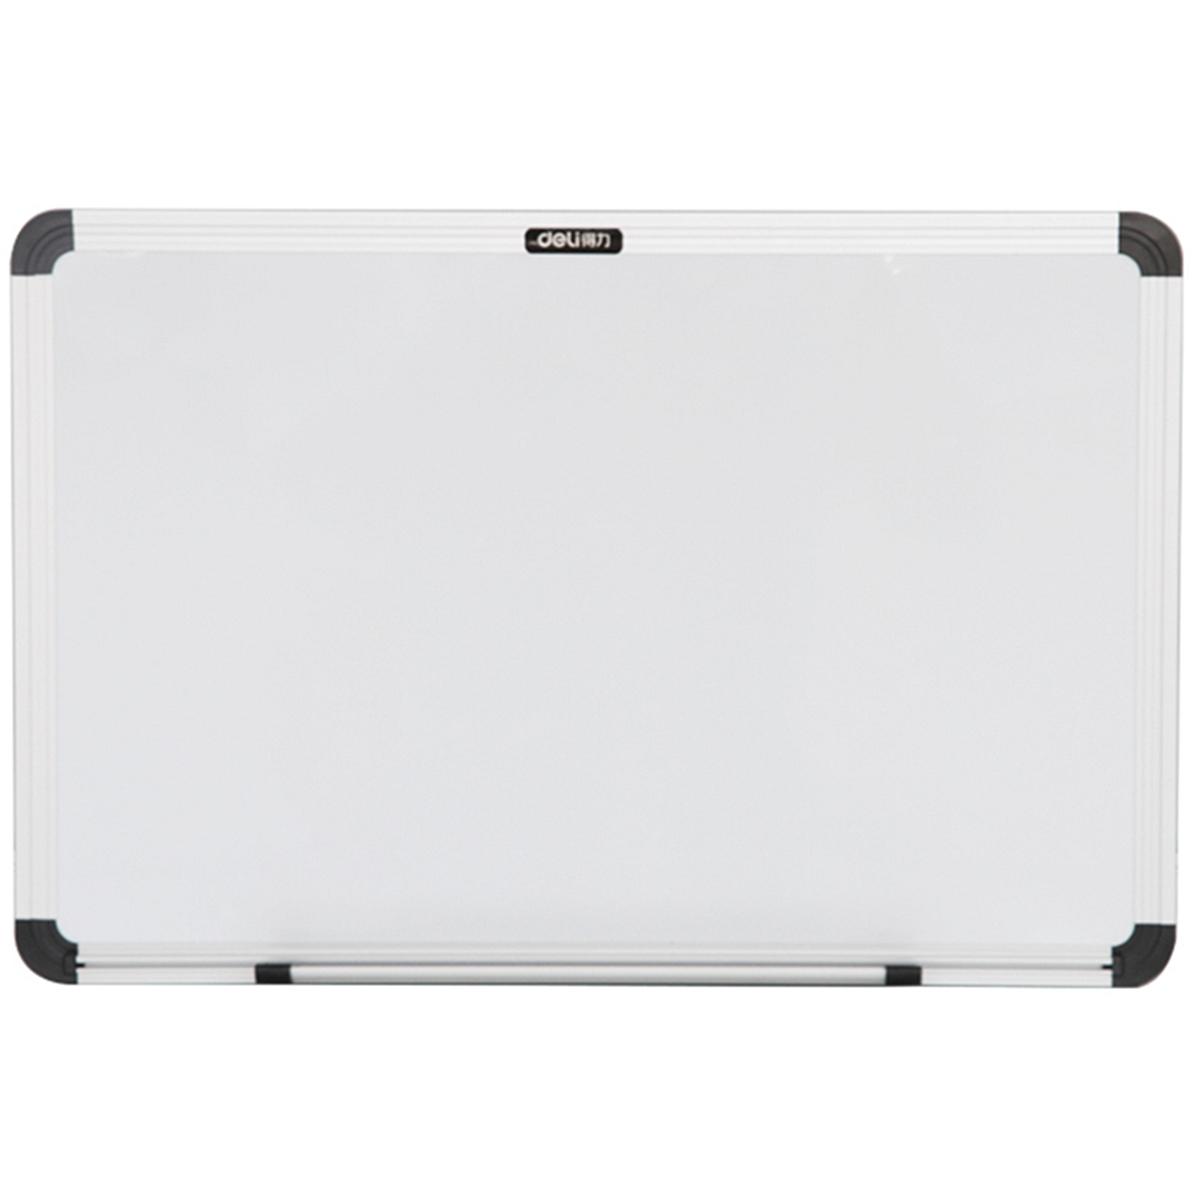 得力 7851 白板 45x30cm (单位:块) 白色